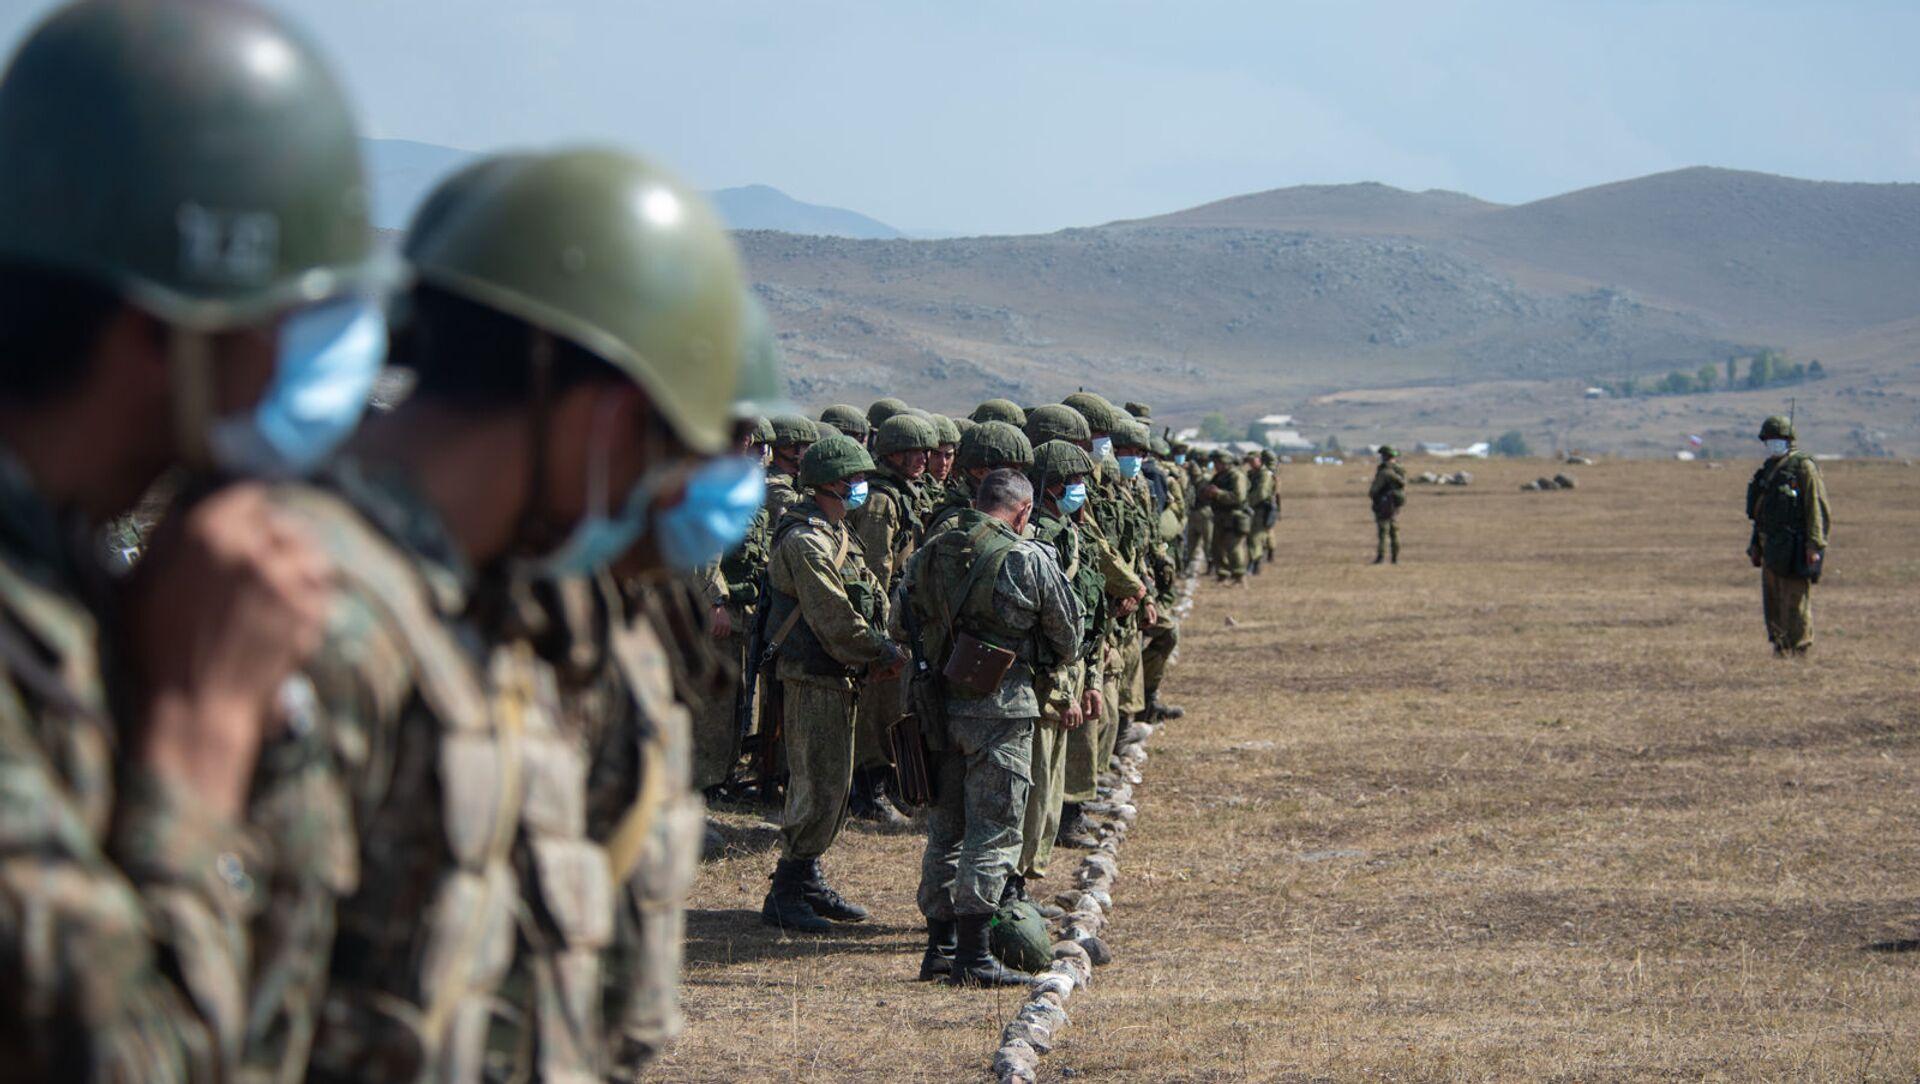 Армянские и российские военнослужащие разыгрывают боевые тактические действия в рамках стратегического командно-штабного учения «Кавказ-2020» на высокогорном полигоне «Алагяз» в Армении (24 сентября 2020). - Sputnik Արմենիա, 1920, 20.08.2021